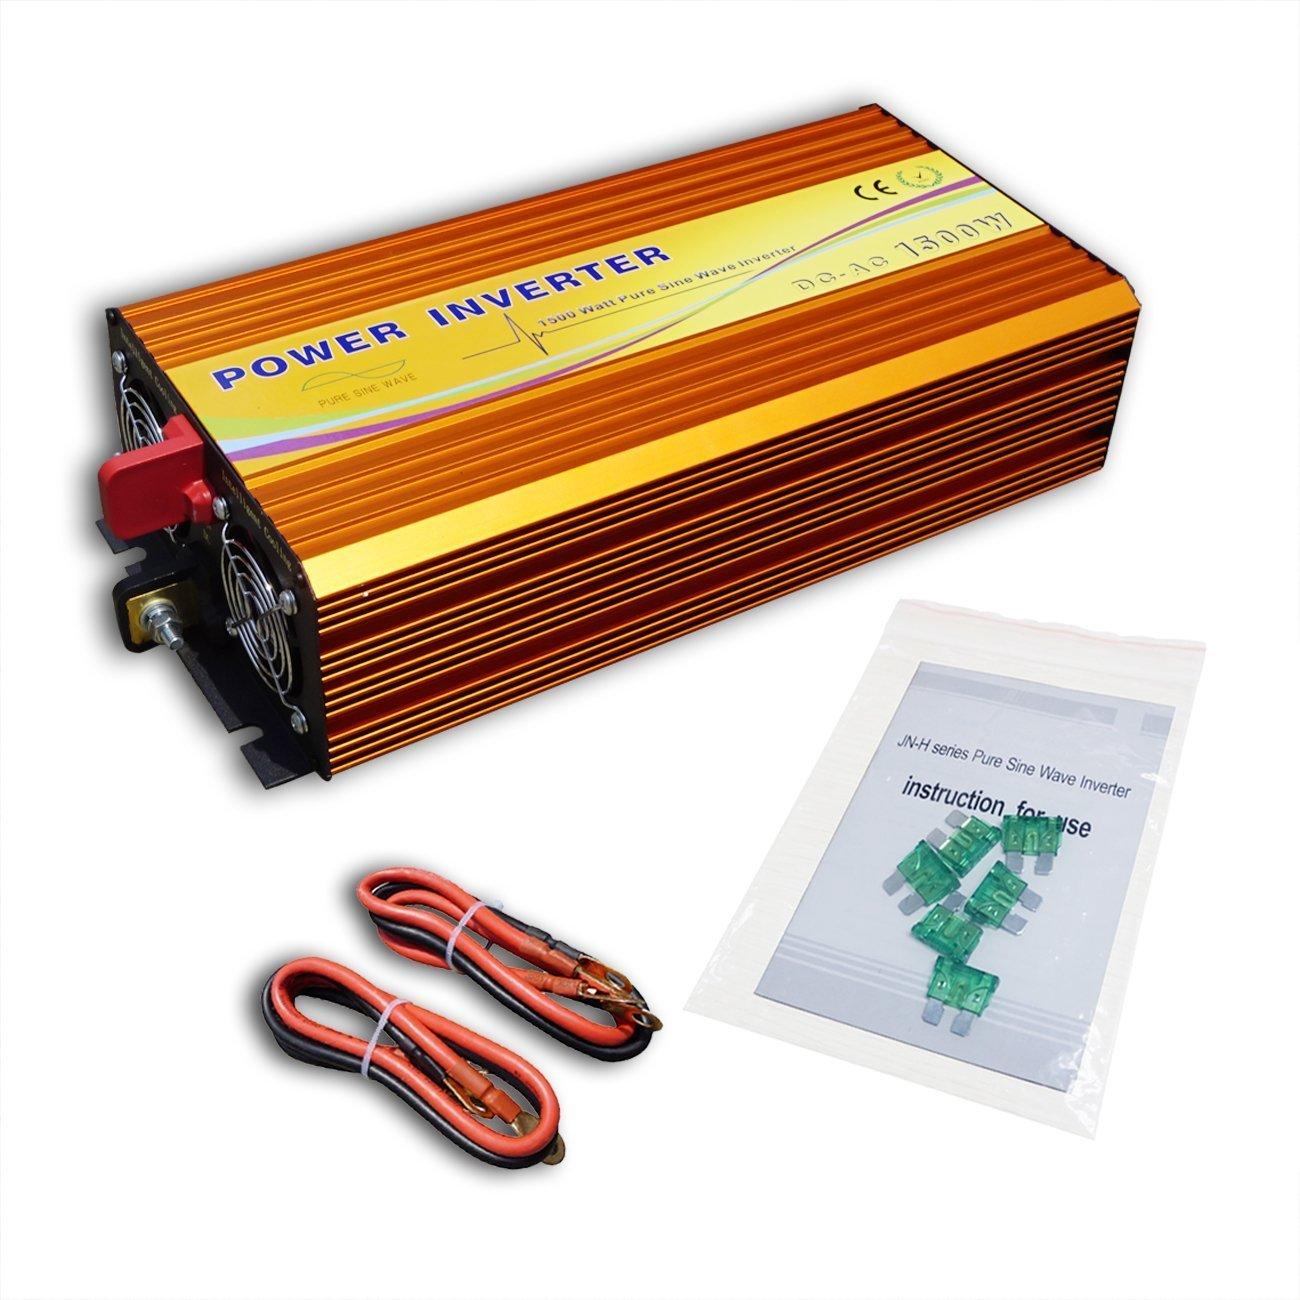 ECO-WORTHY 正弦波 MPPT機能 DC 12V-AC 110V インバータ 1500W 正弦波 ソーラーパネル/風力発電機システムなど発電用 B01N4VI53M